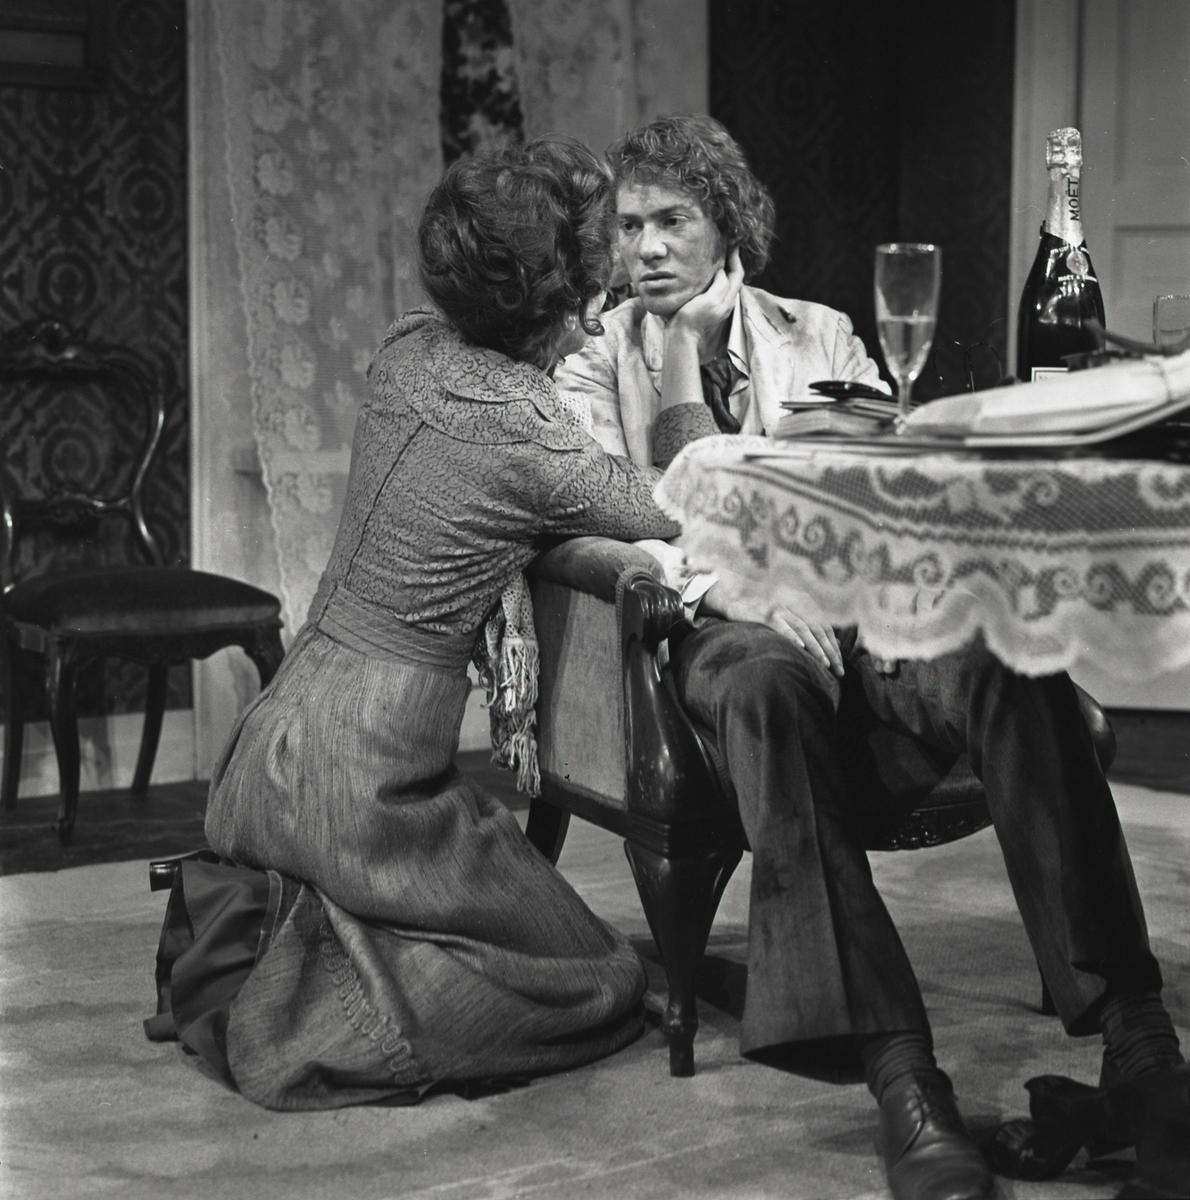 """Scene fra Nathionaltheatrets oppsetning av Henrik Ibsens """"Gengangere"""". Fru Alving sitter på kne og holder Oswalds ansikt i hendene. Oswals sitter i en lenestol ved et bord. På bordet står en flaske sjampanje og flere bøker. Forestillingen hadde premiere 4. oktober 1972. Pål Løkkeberg hadde regi og medvirkende var Helen Brinchmann som fru Alving, Frøydis Armand som Regine Engstrand, Svein Sturla Hungnes som Osvald, Frank robert som Pastor Manders og Rolf Søder som Snekker Engstrand. .."""